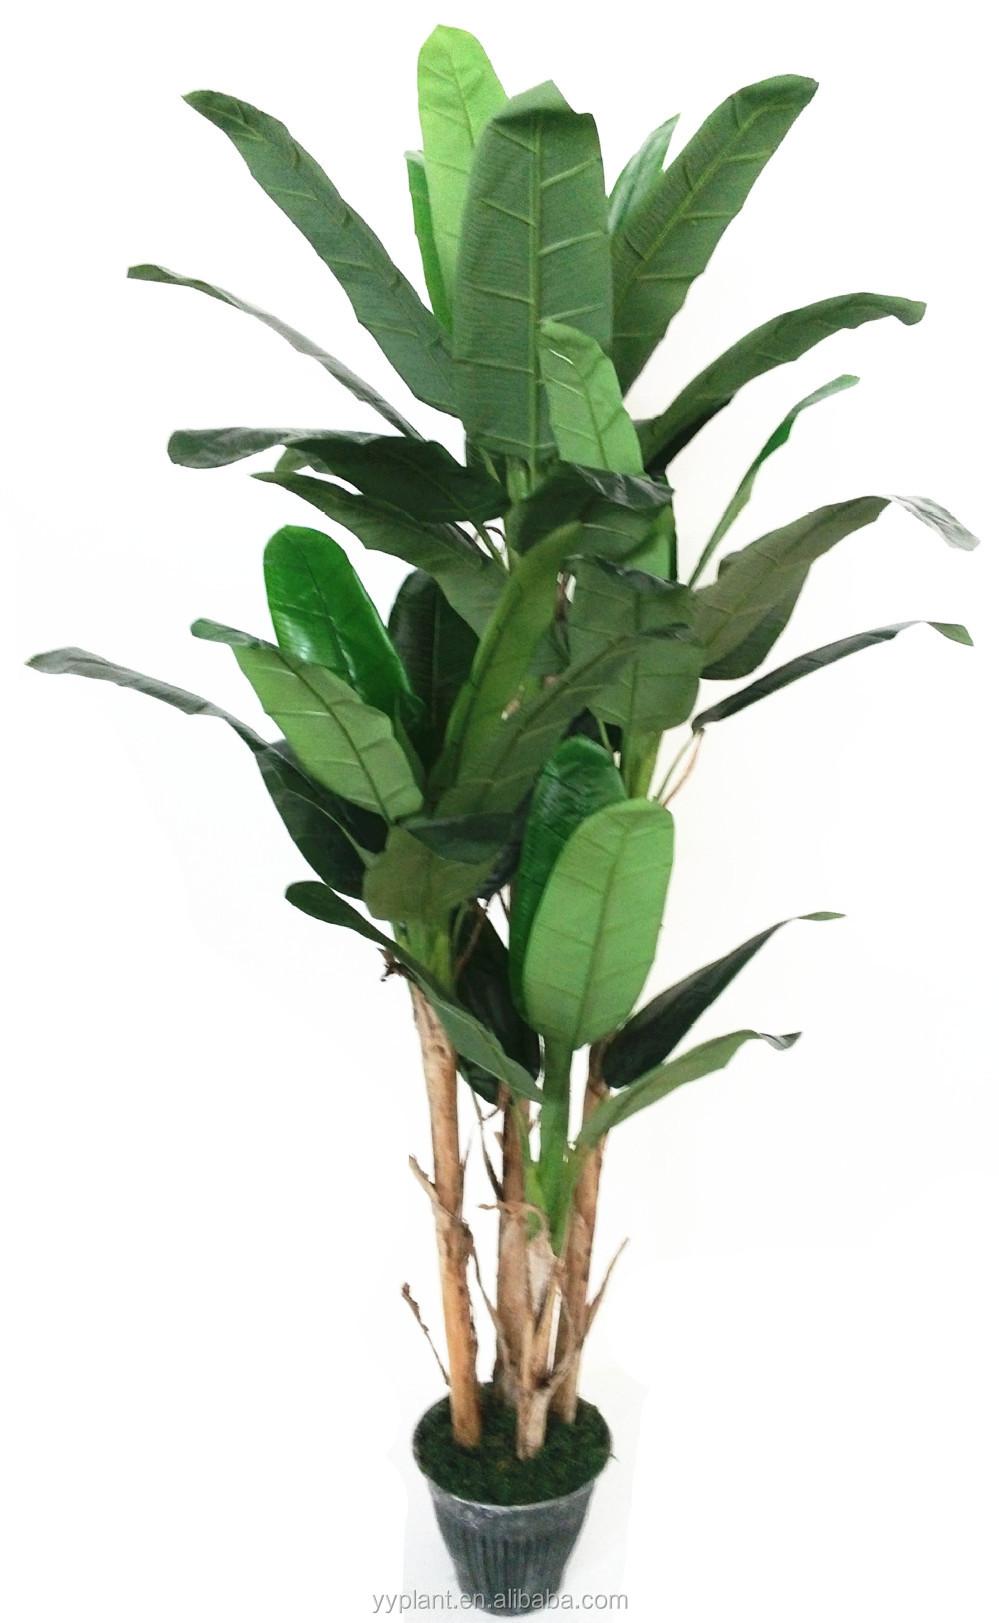 4 brach fausse banane arbre d coratif pour l 39 ext rieur ou for Arbre decoratif exterieur